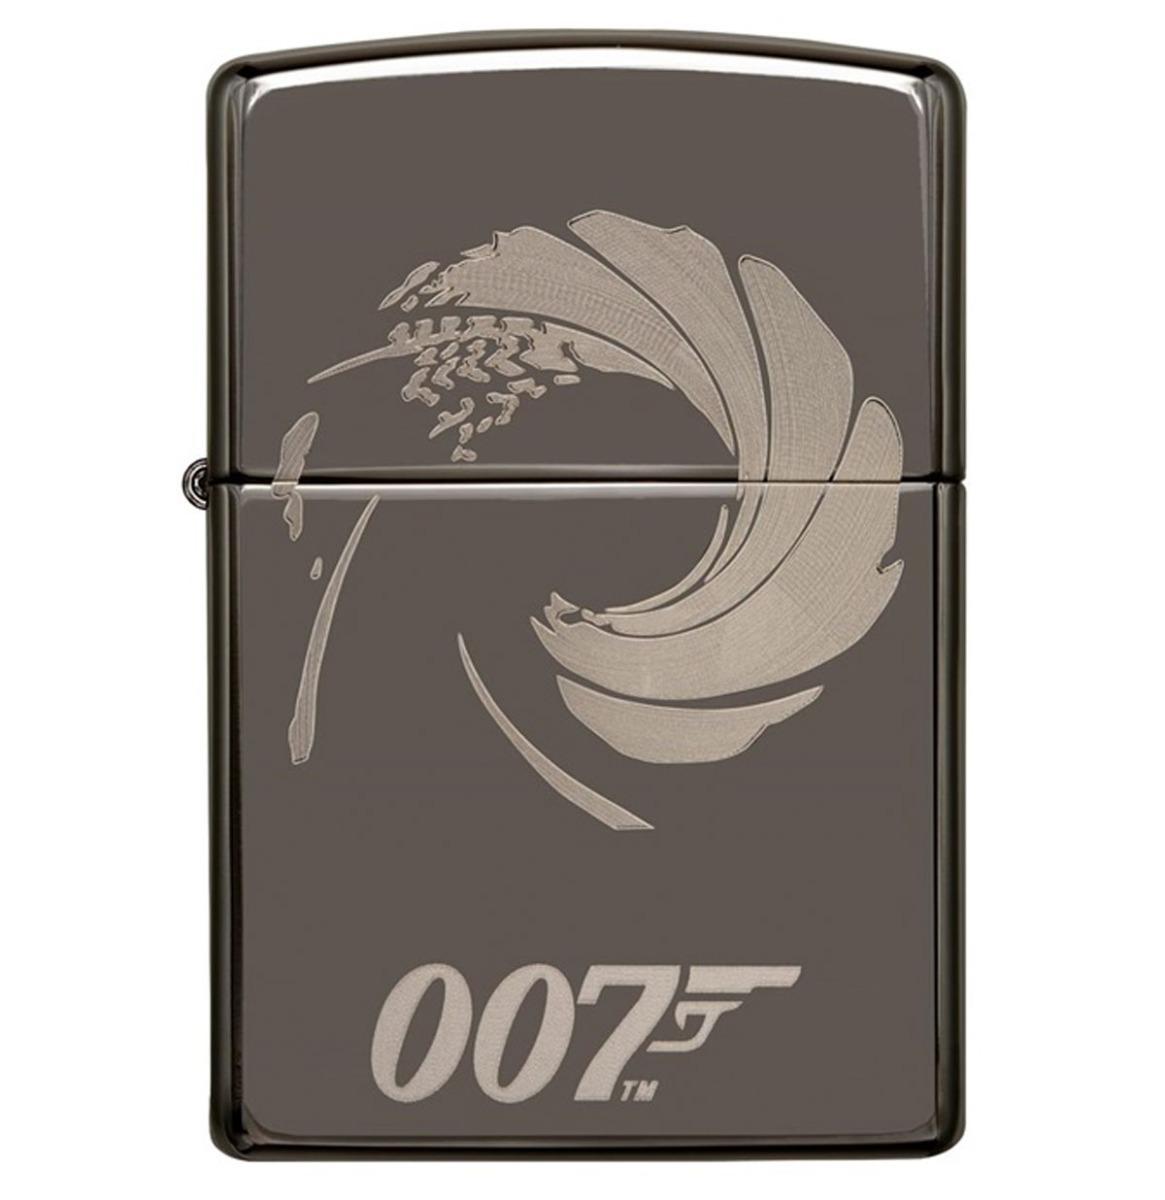 fiftiesstore Zippo Aansteker 007 James Bond Zilver